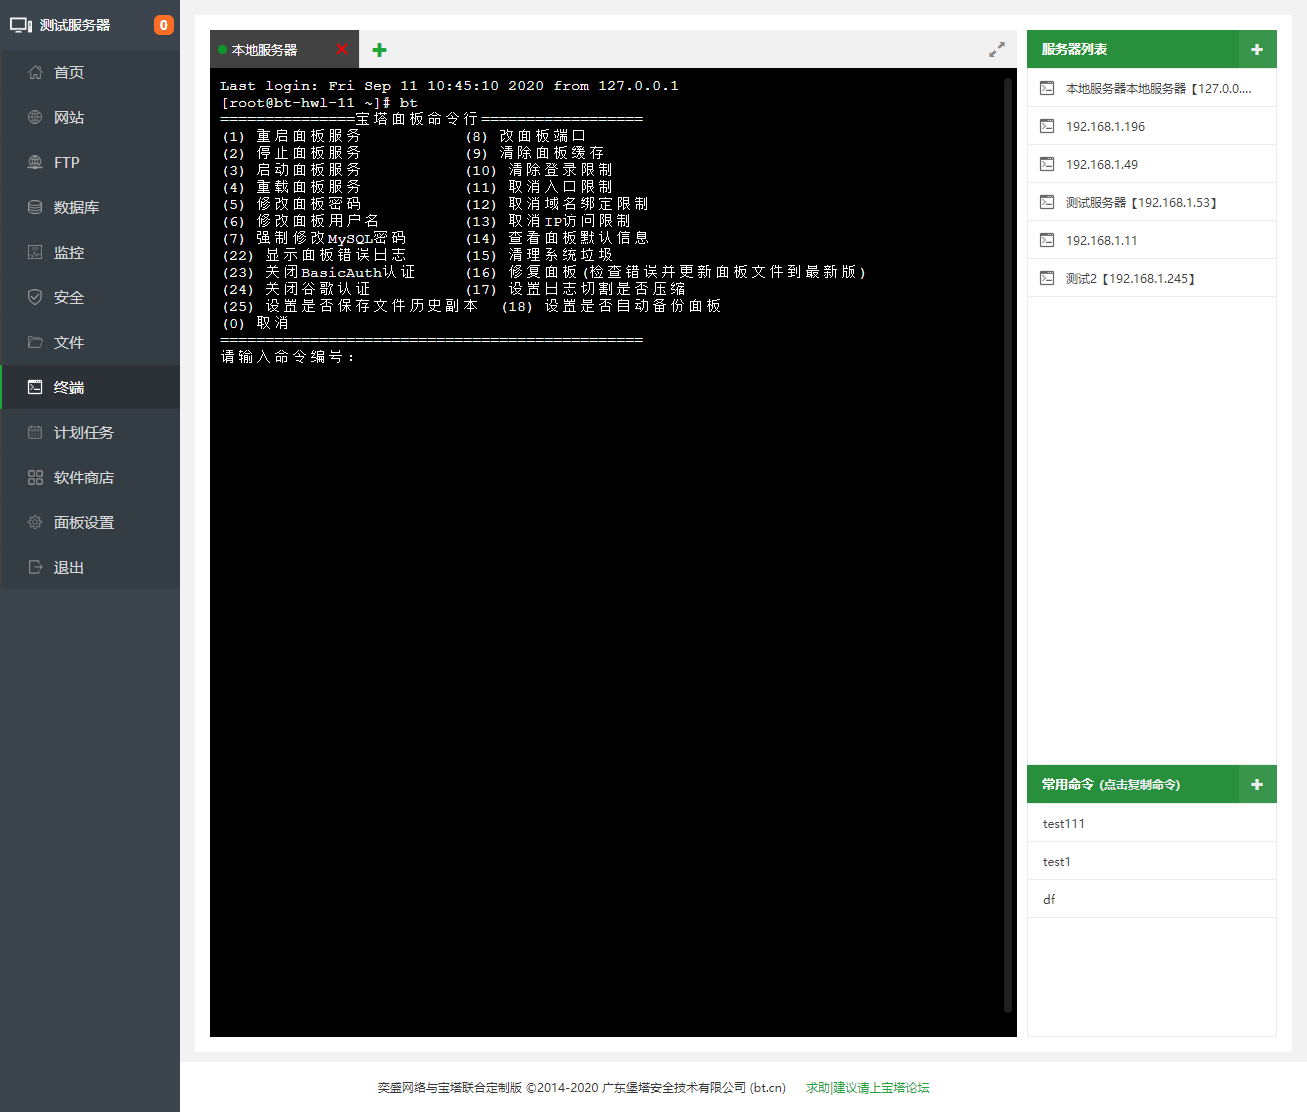 《宝塔Linux面板安装教程 - 2020年12月2日更新 - 7.4.6正式版》